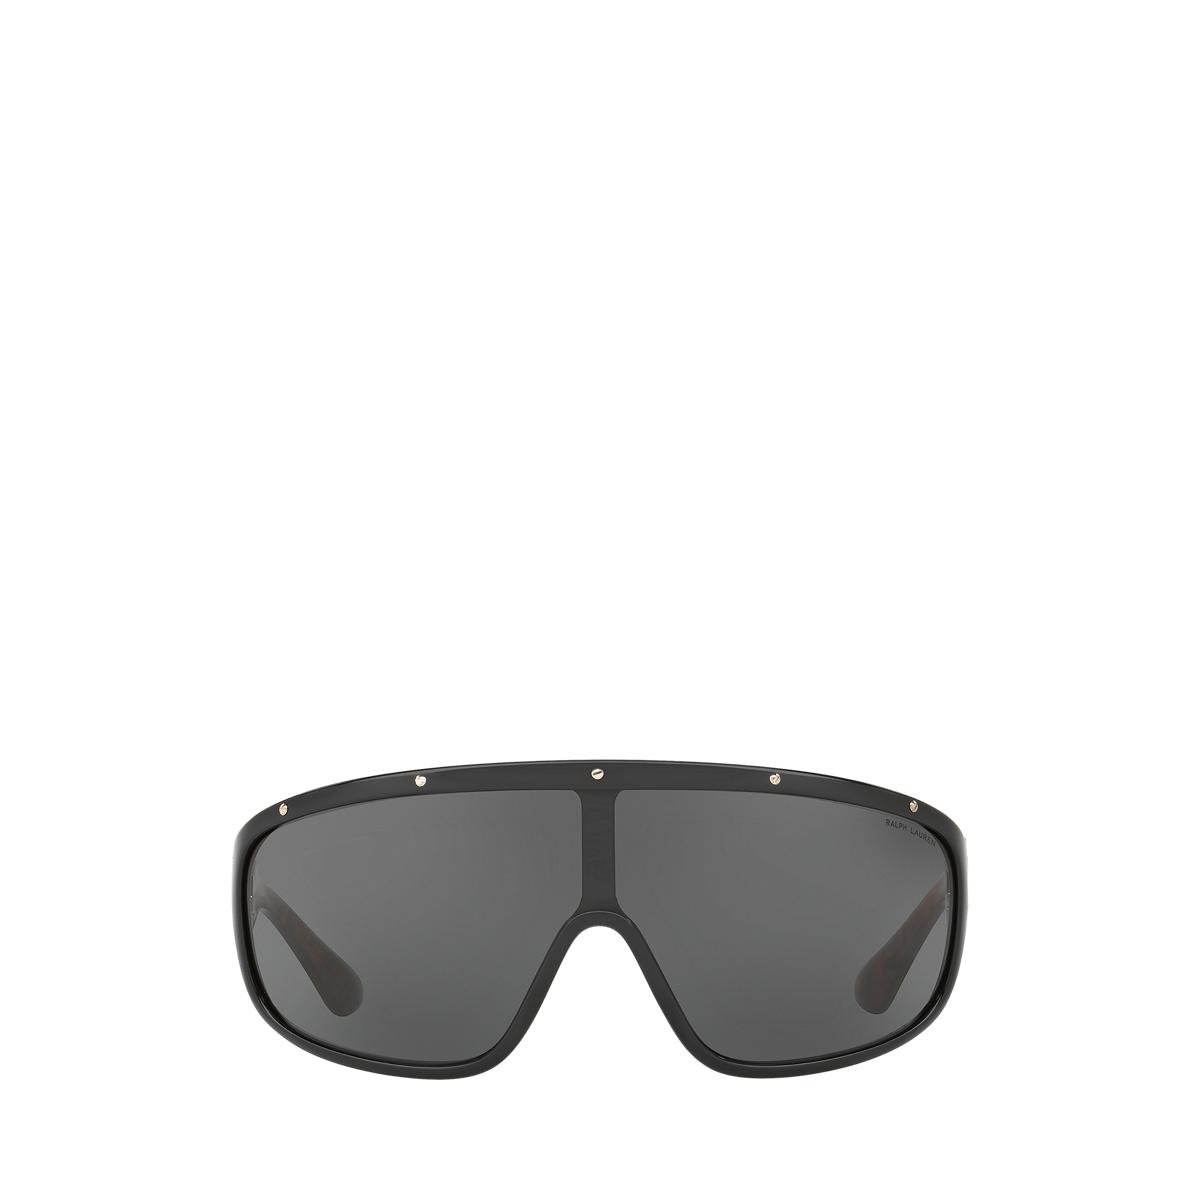 0e06fac5bf596 Shield Sunglasses